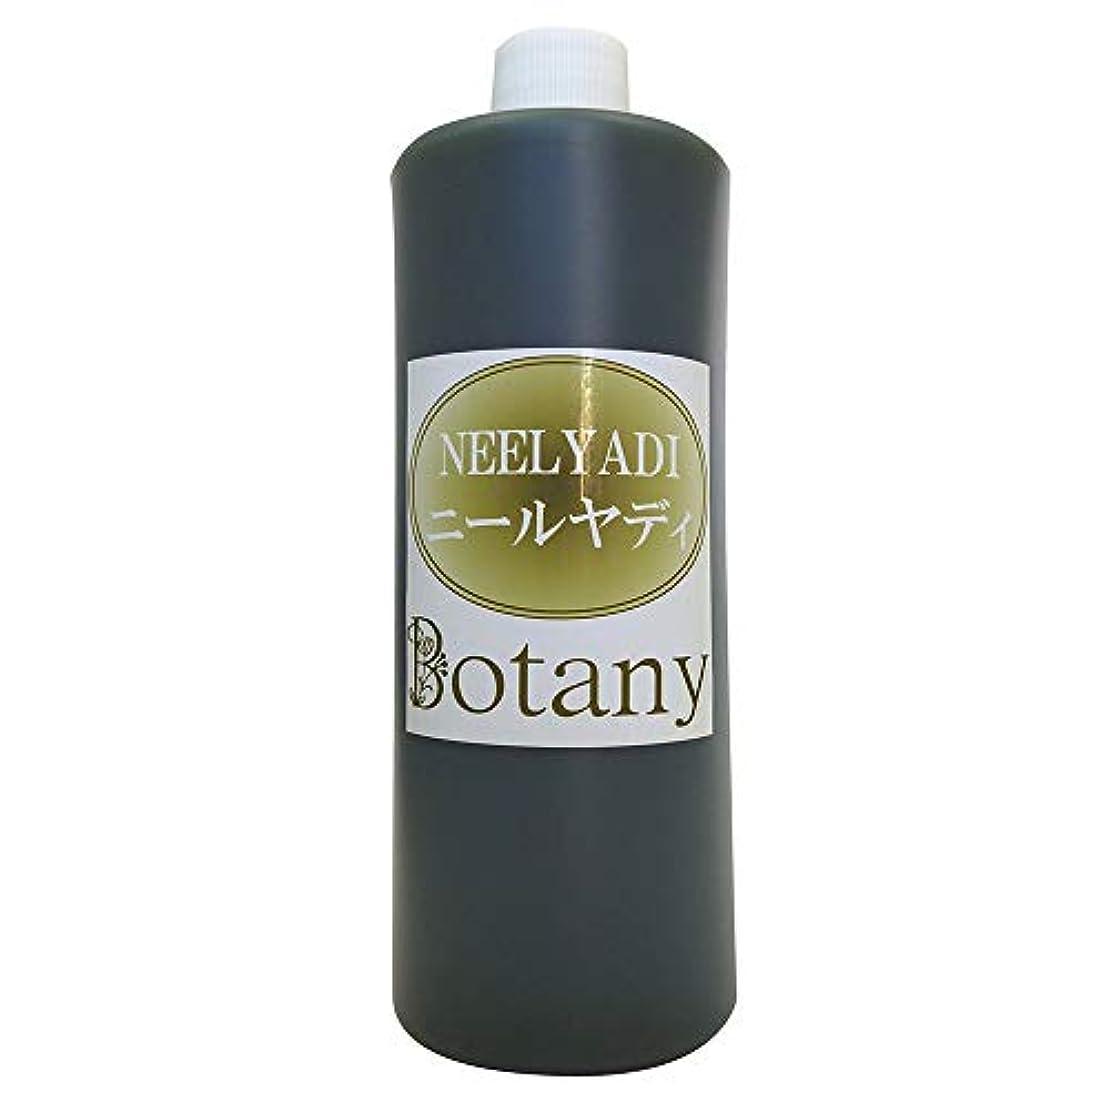 キャンベラ初期の次Botanyオイル ニールヤディ ヘッド ボディ フェイス用 エステ サロン マッサージオイル 500ml